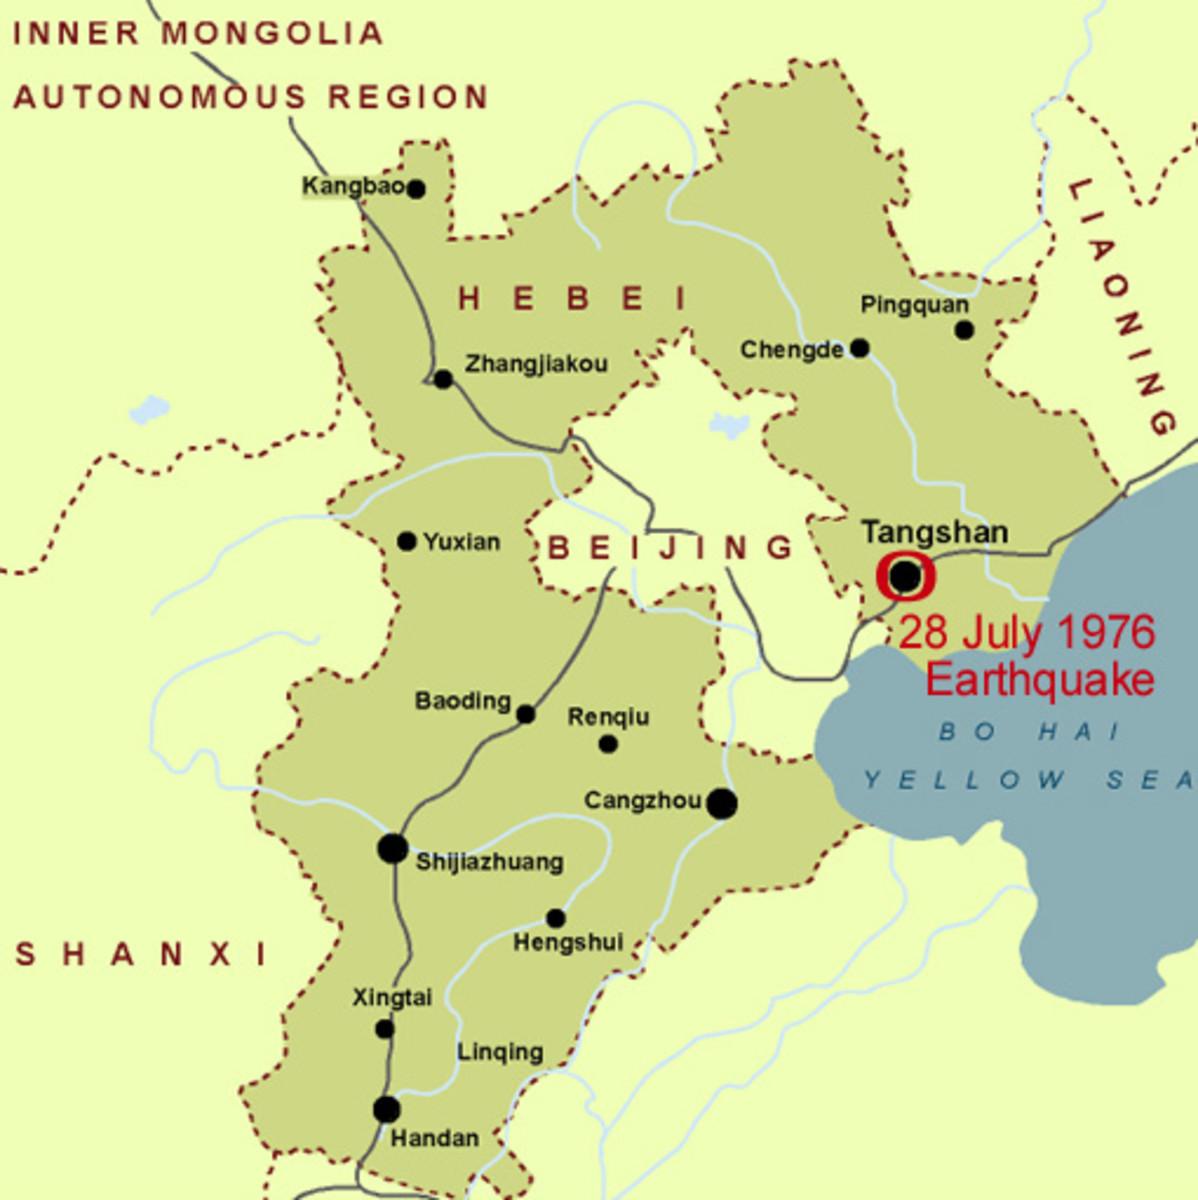 CHINA - Tangshan Earthquake of July 28,1976